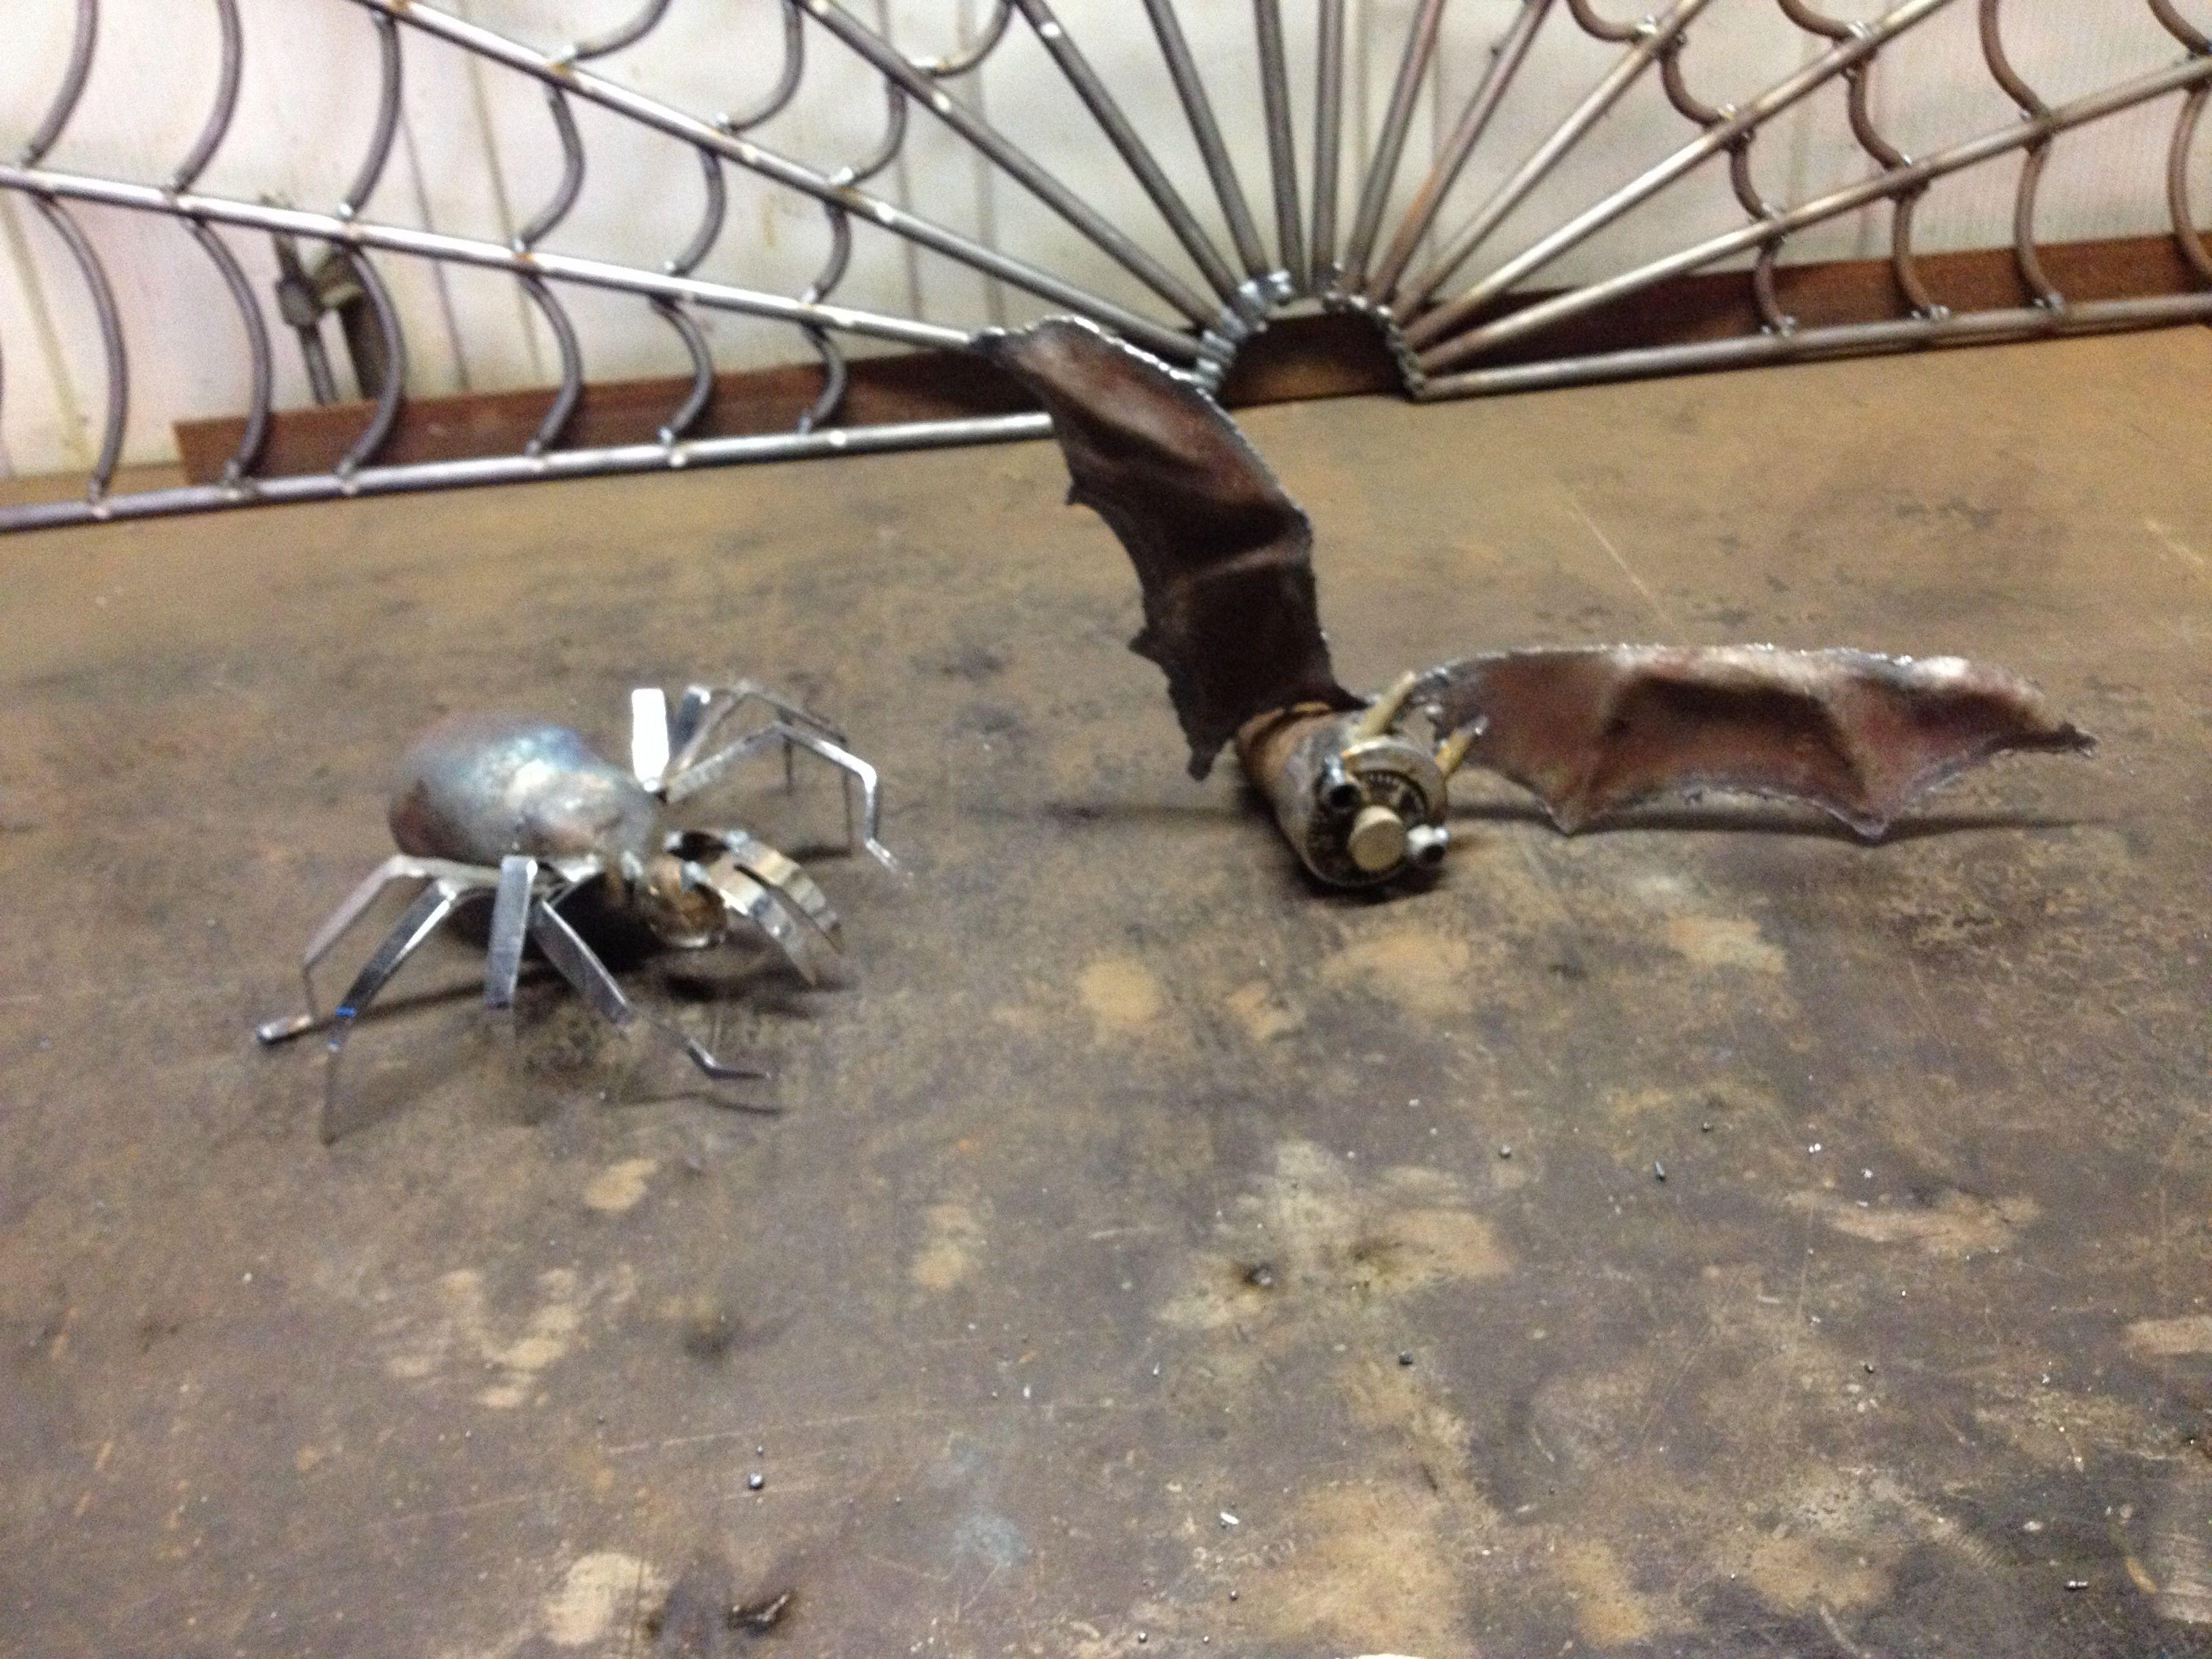 Tweezer legged spider and master lock bat by crestcreatures